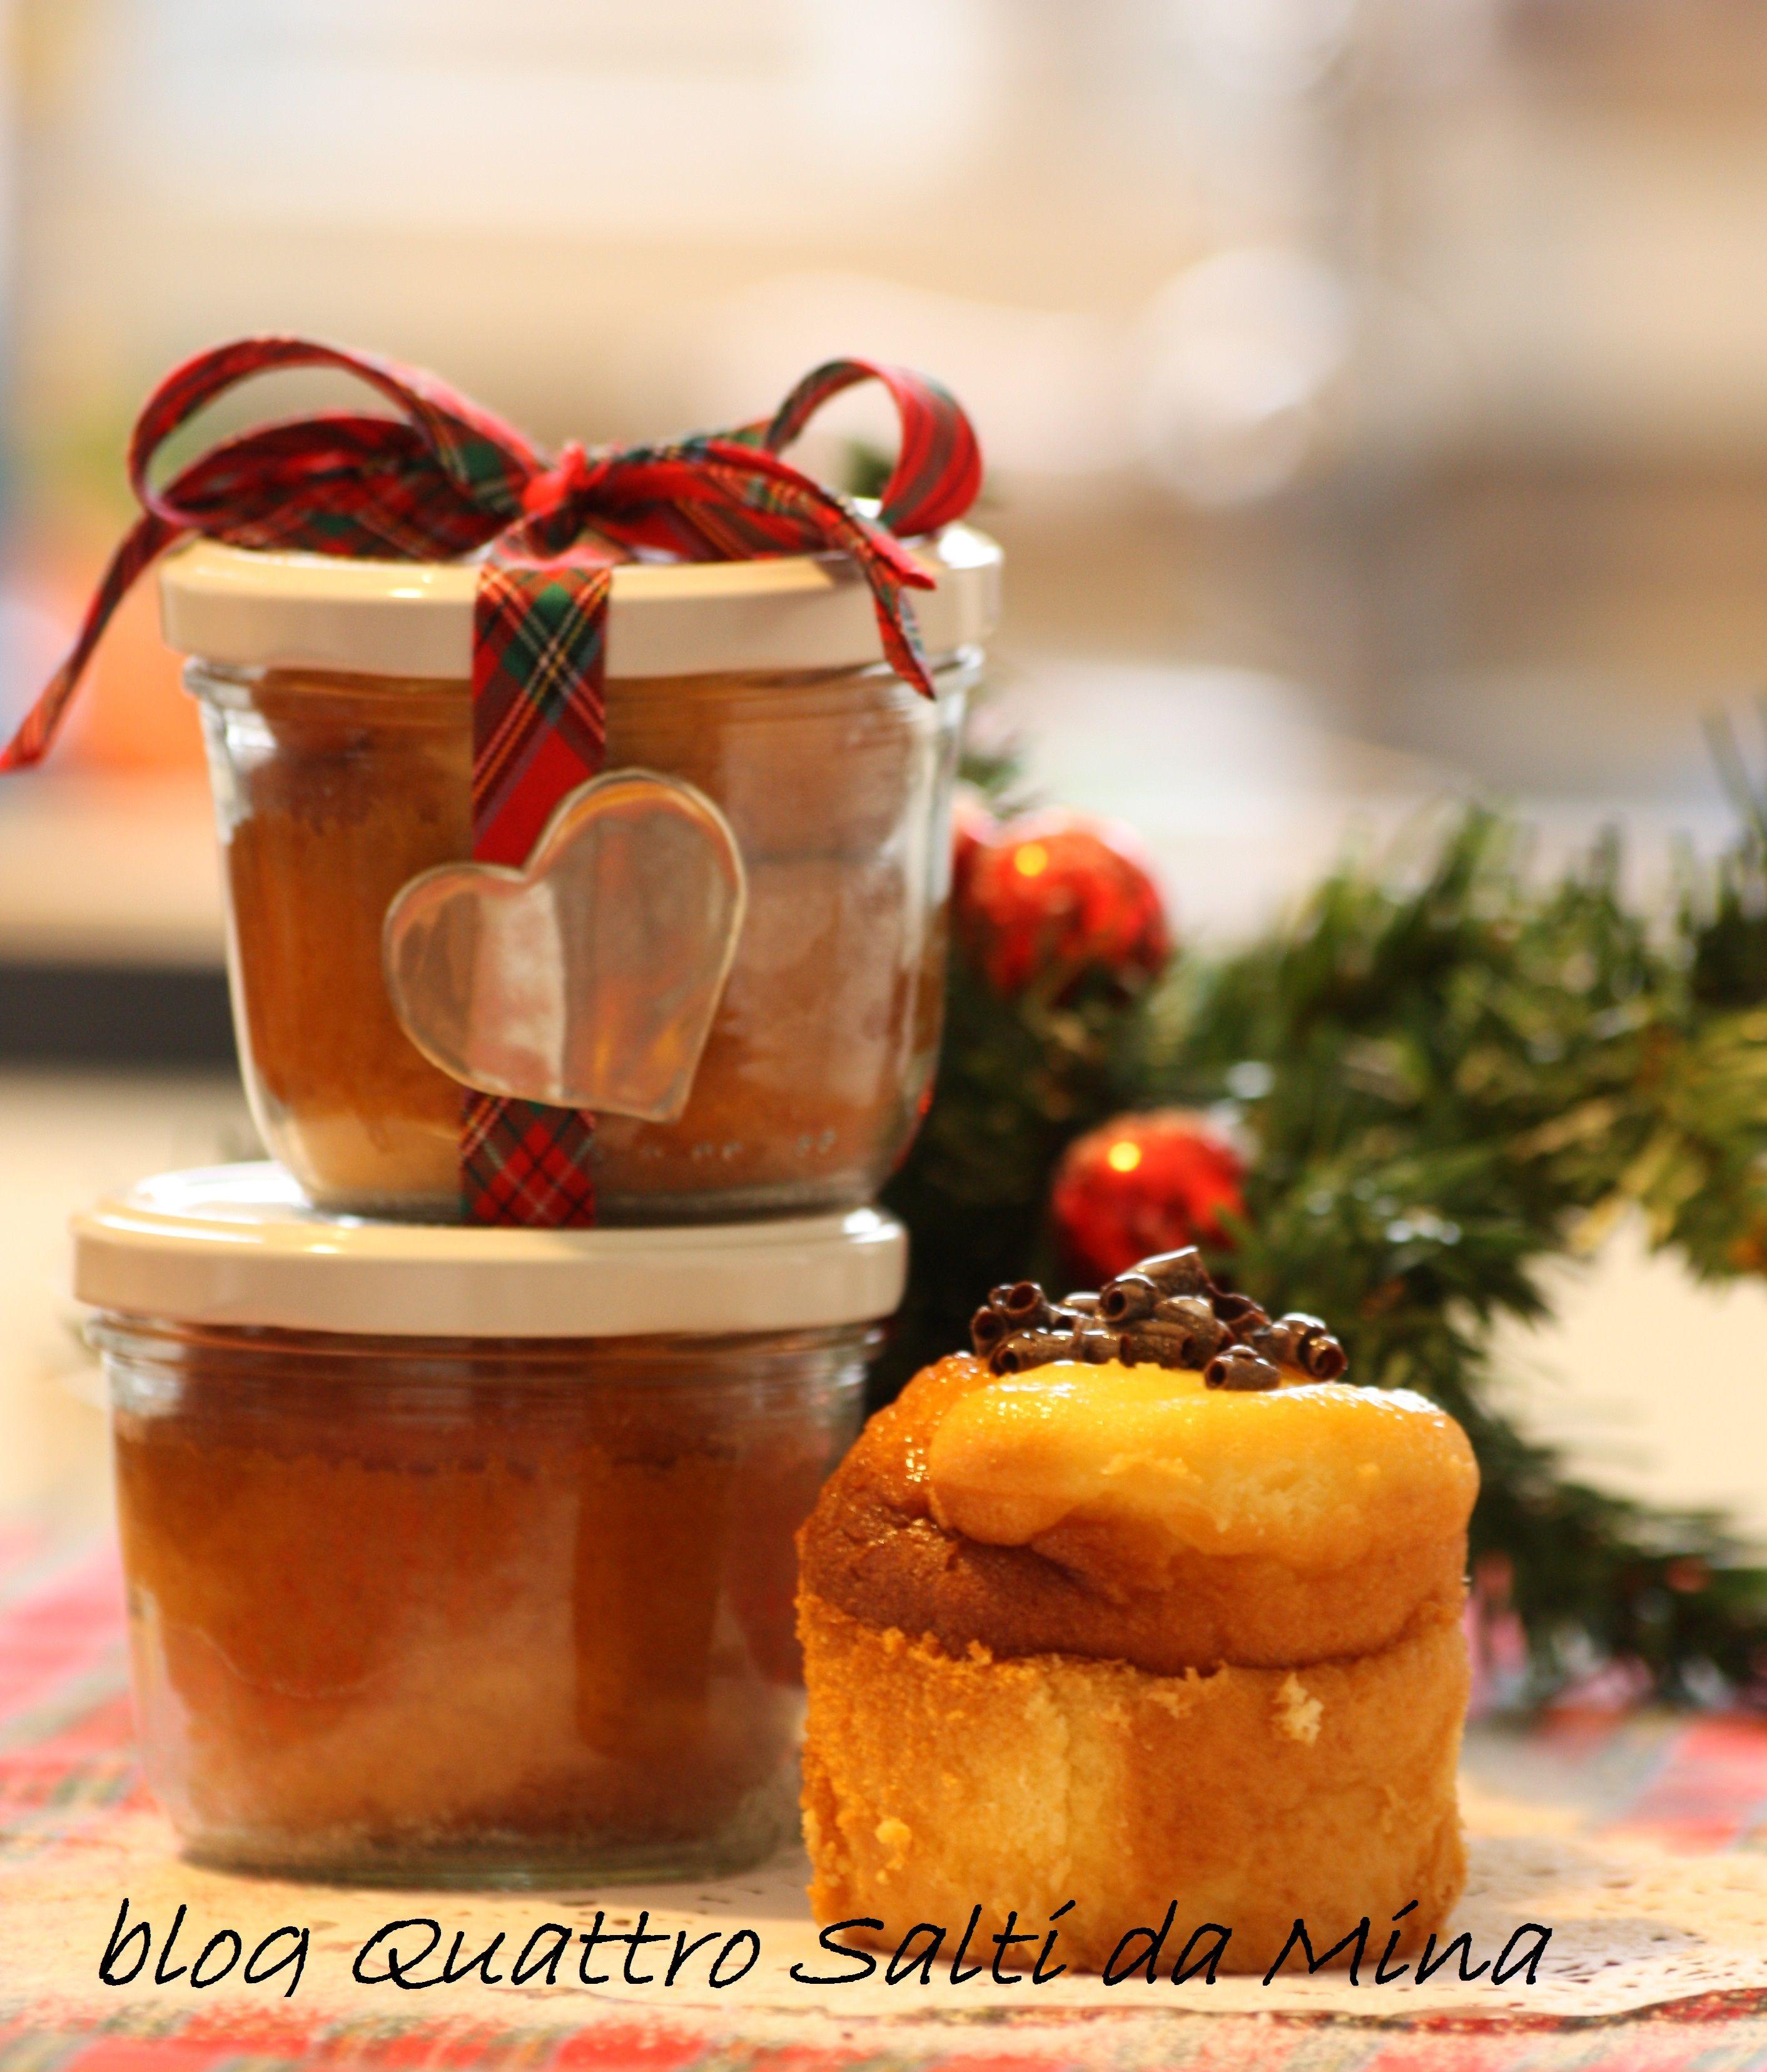 Idee Regalo Natale Cibo.Mini Cake In Barattolo Idea Regalo Natale Cibo E Dolci